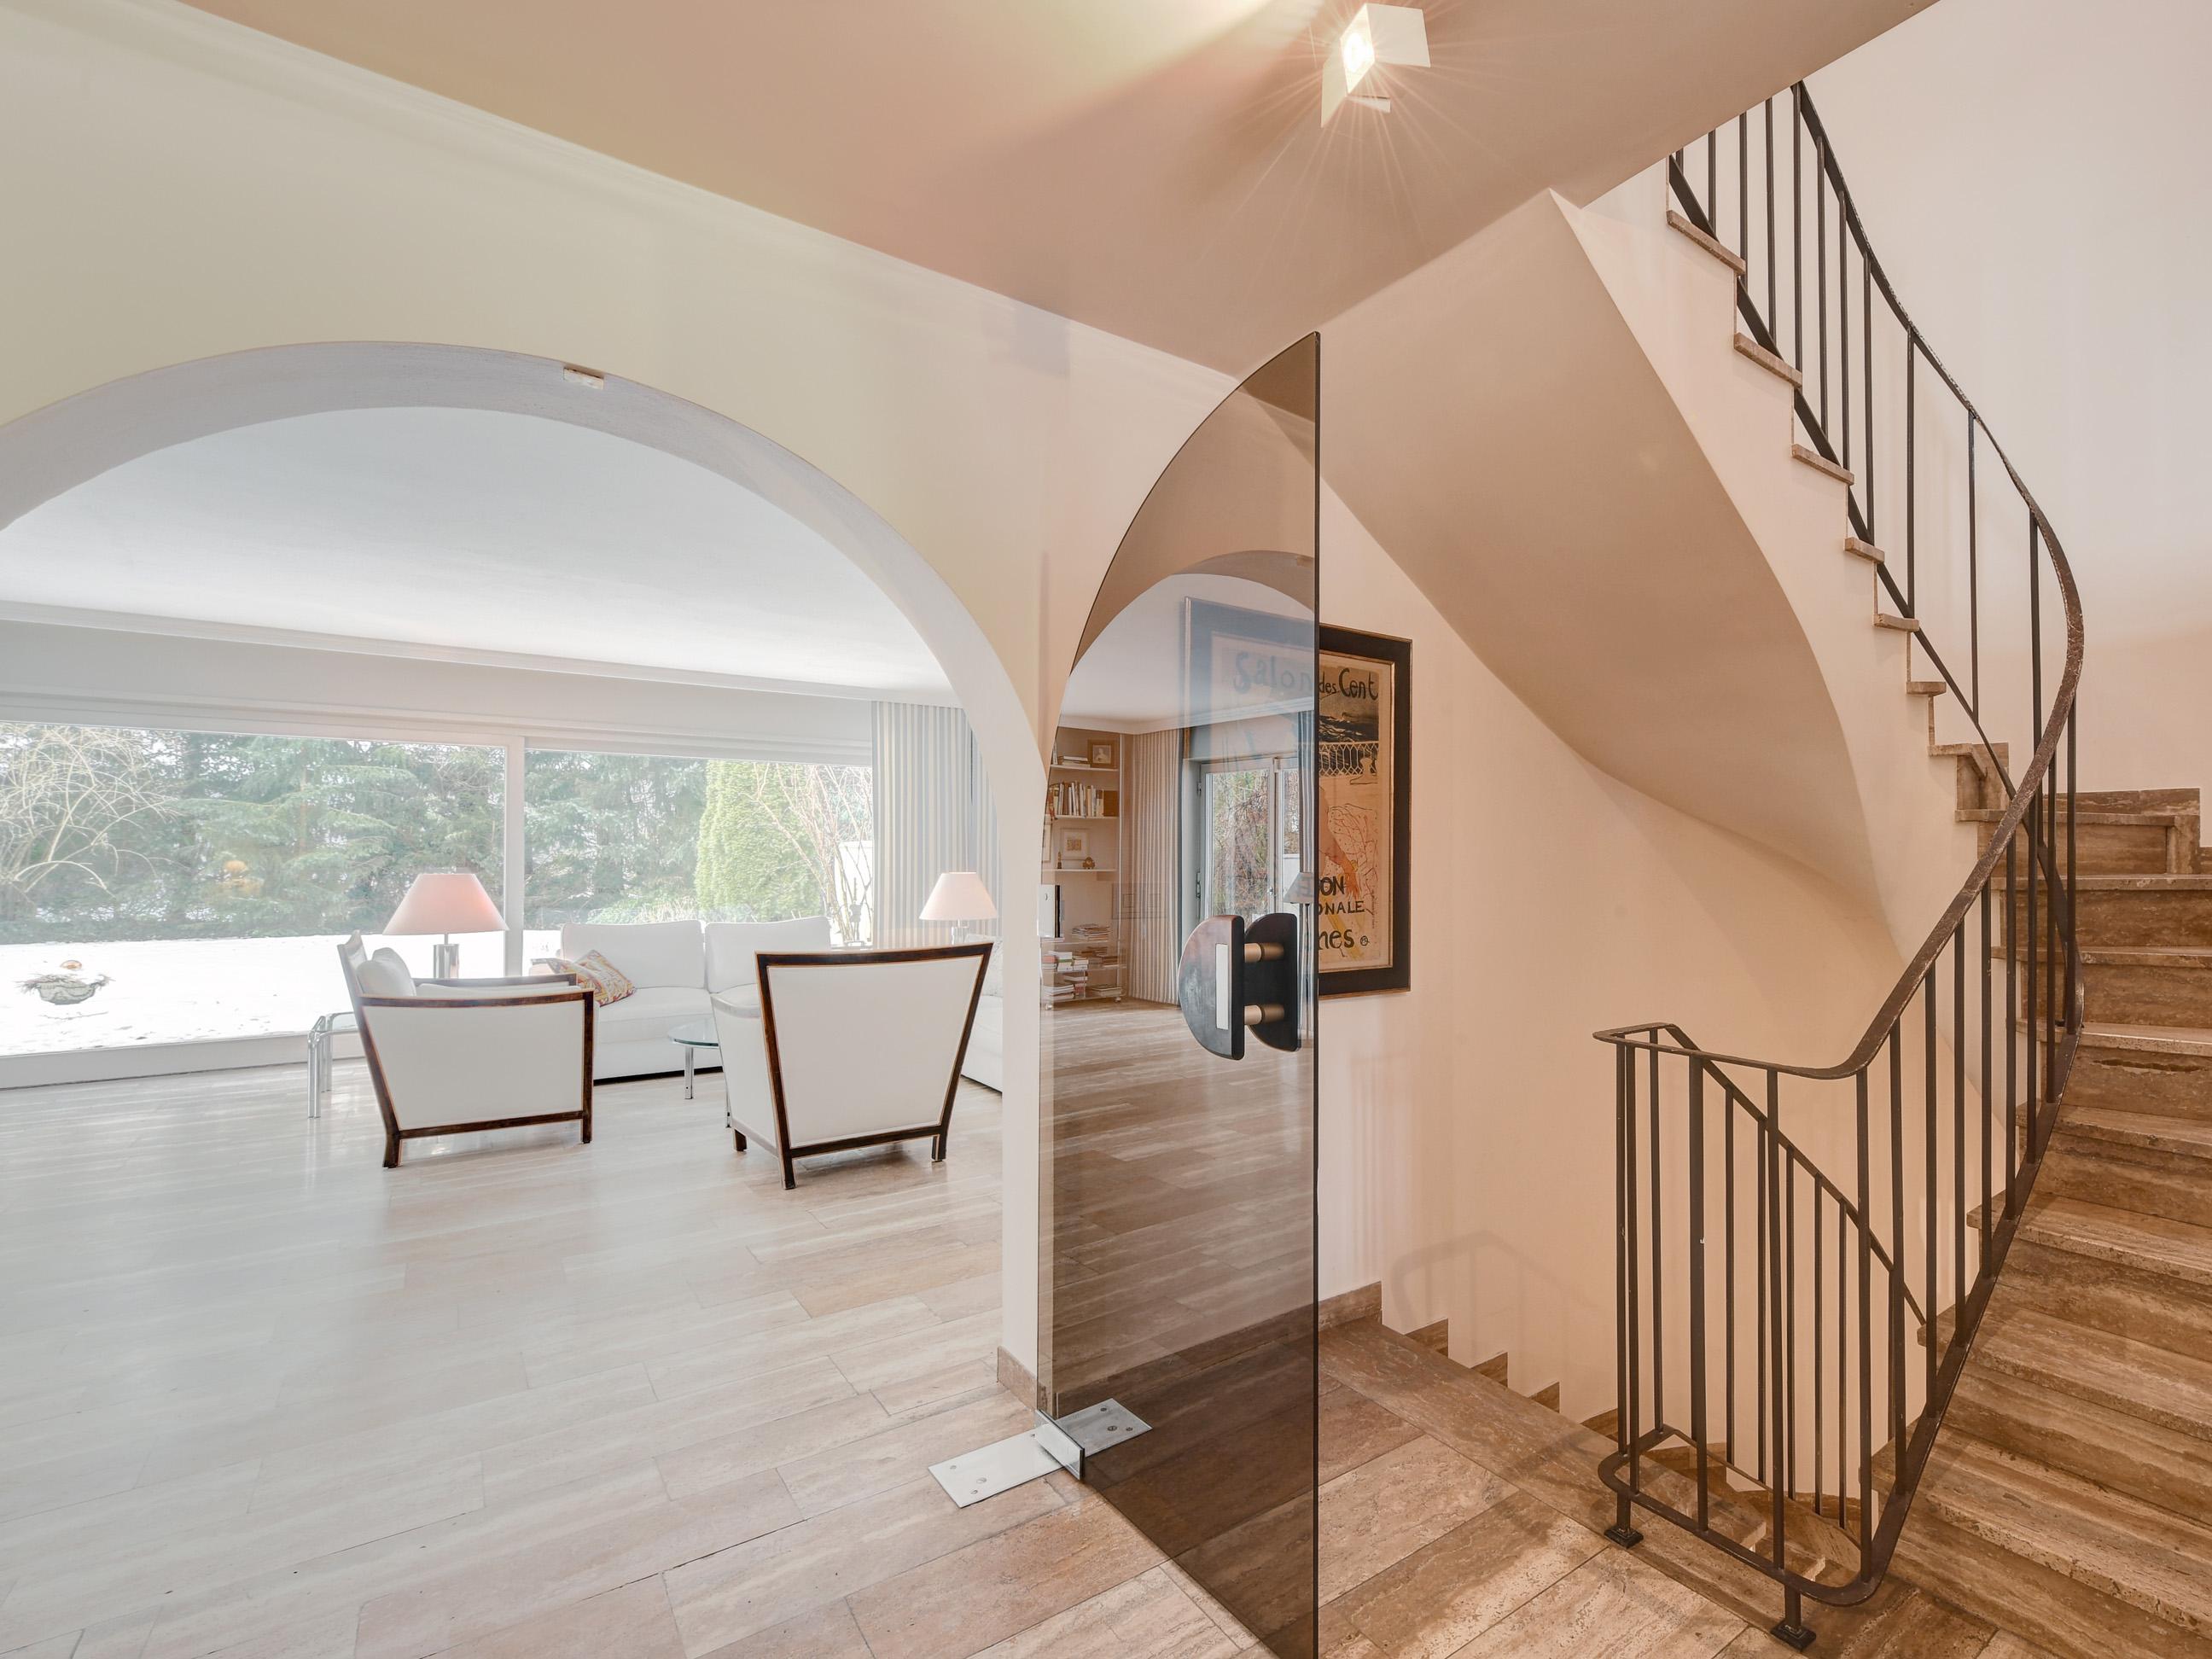 haus oder villa in gr nwald hier wird luxus gro geschrieben. Black Bedroom Furniture Sets. Home Design Ideas